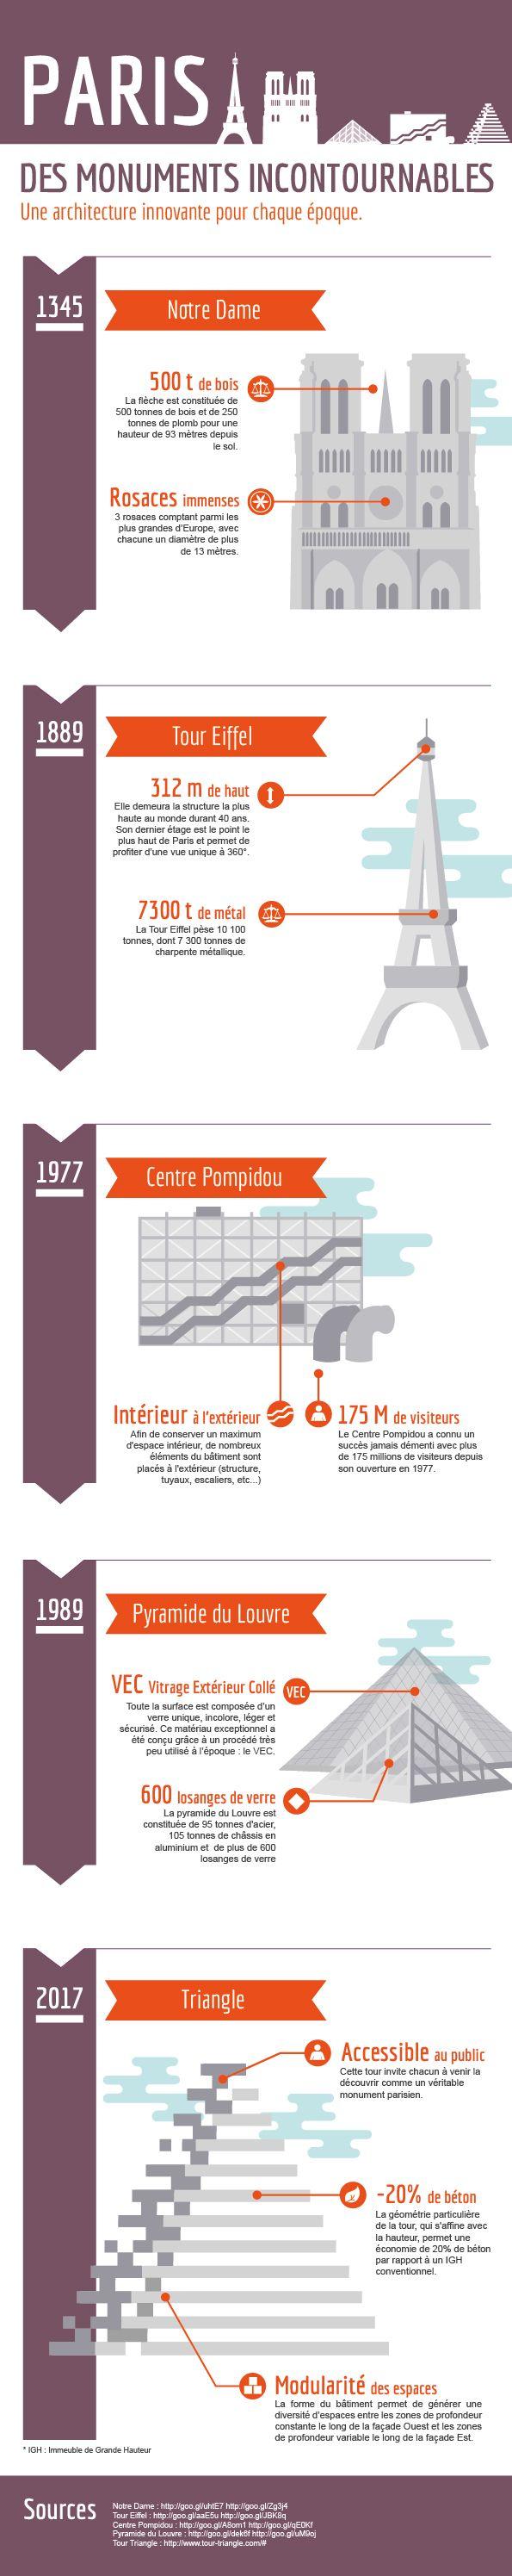 Des monuments incontournables - Une architecture innovante pour chaque époque - #Paris #Infographiques